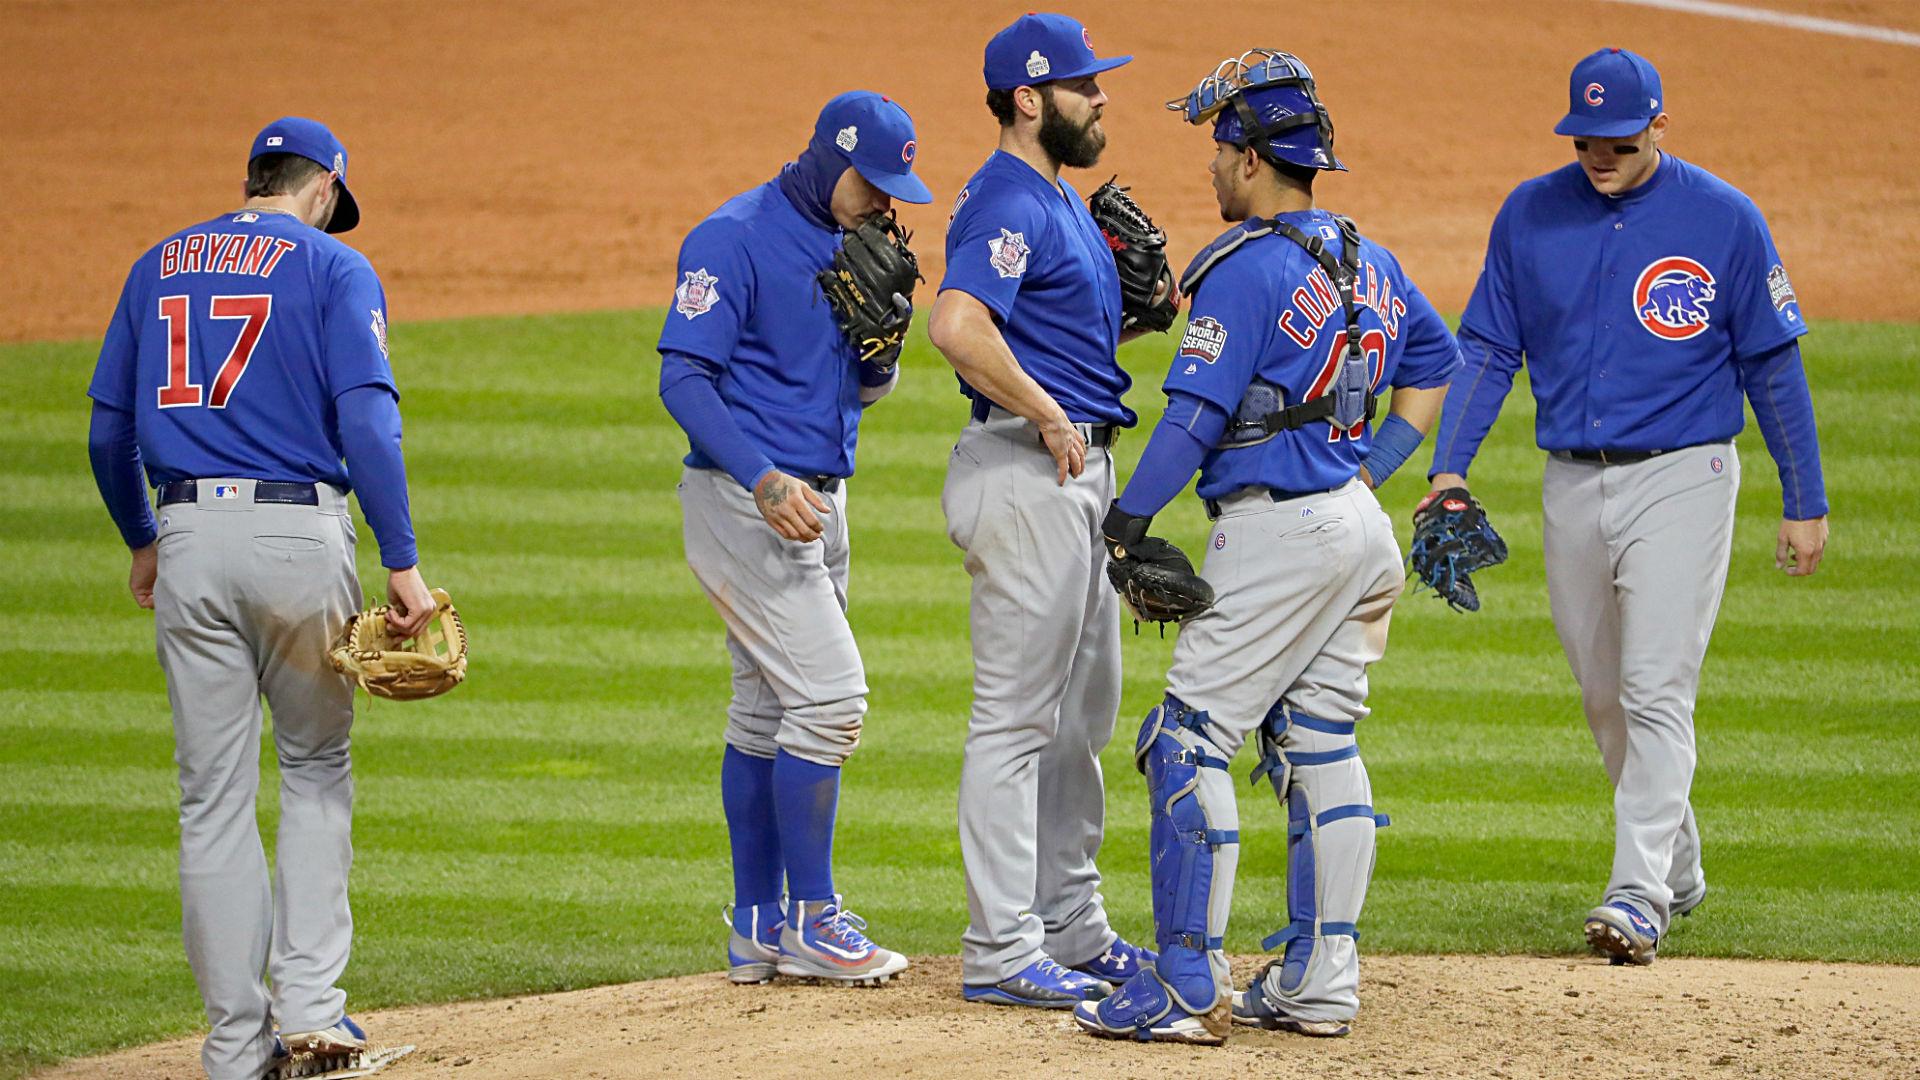 Cubs-game2-stand-102716-getty-ftrjpg_1blmb1dq4sqdn1p5sg4ntyvbkc